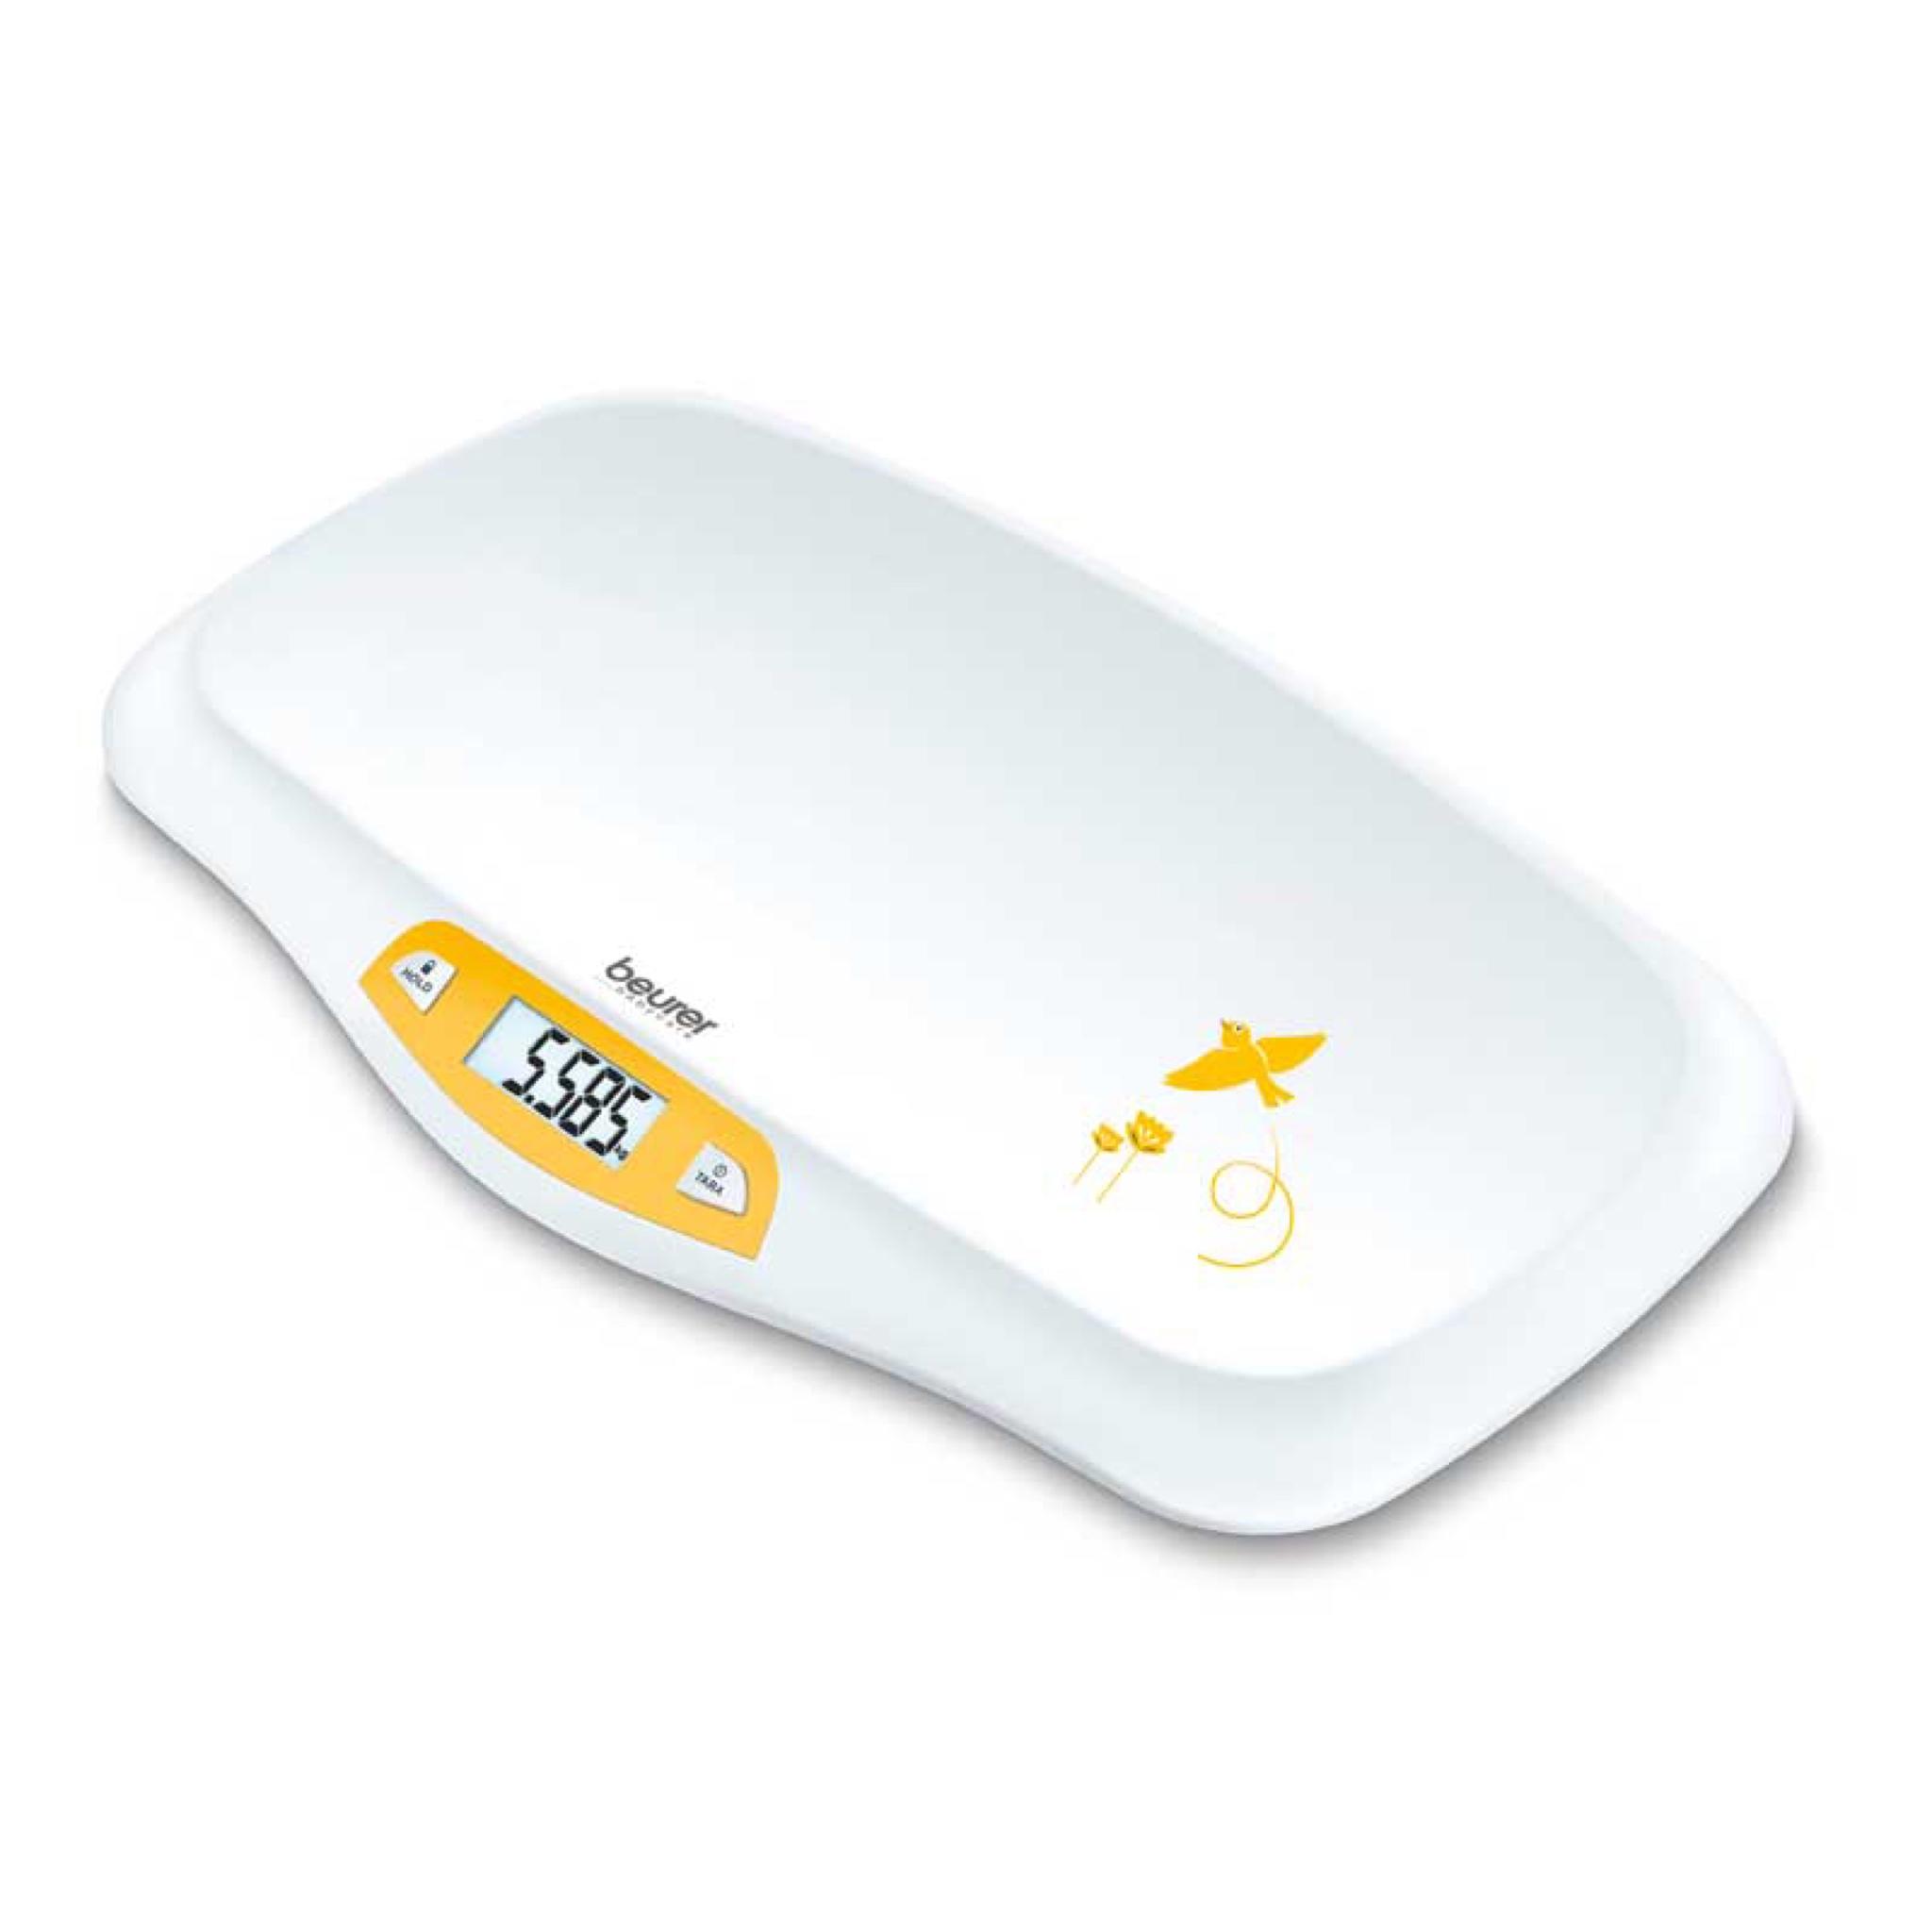 เครื่องชั่งน้ำหนักสำหรับทารกและเด็กเล็ก beurer Digital Baby Scale (BY80)